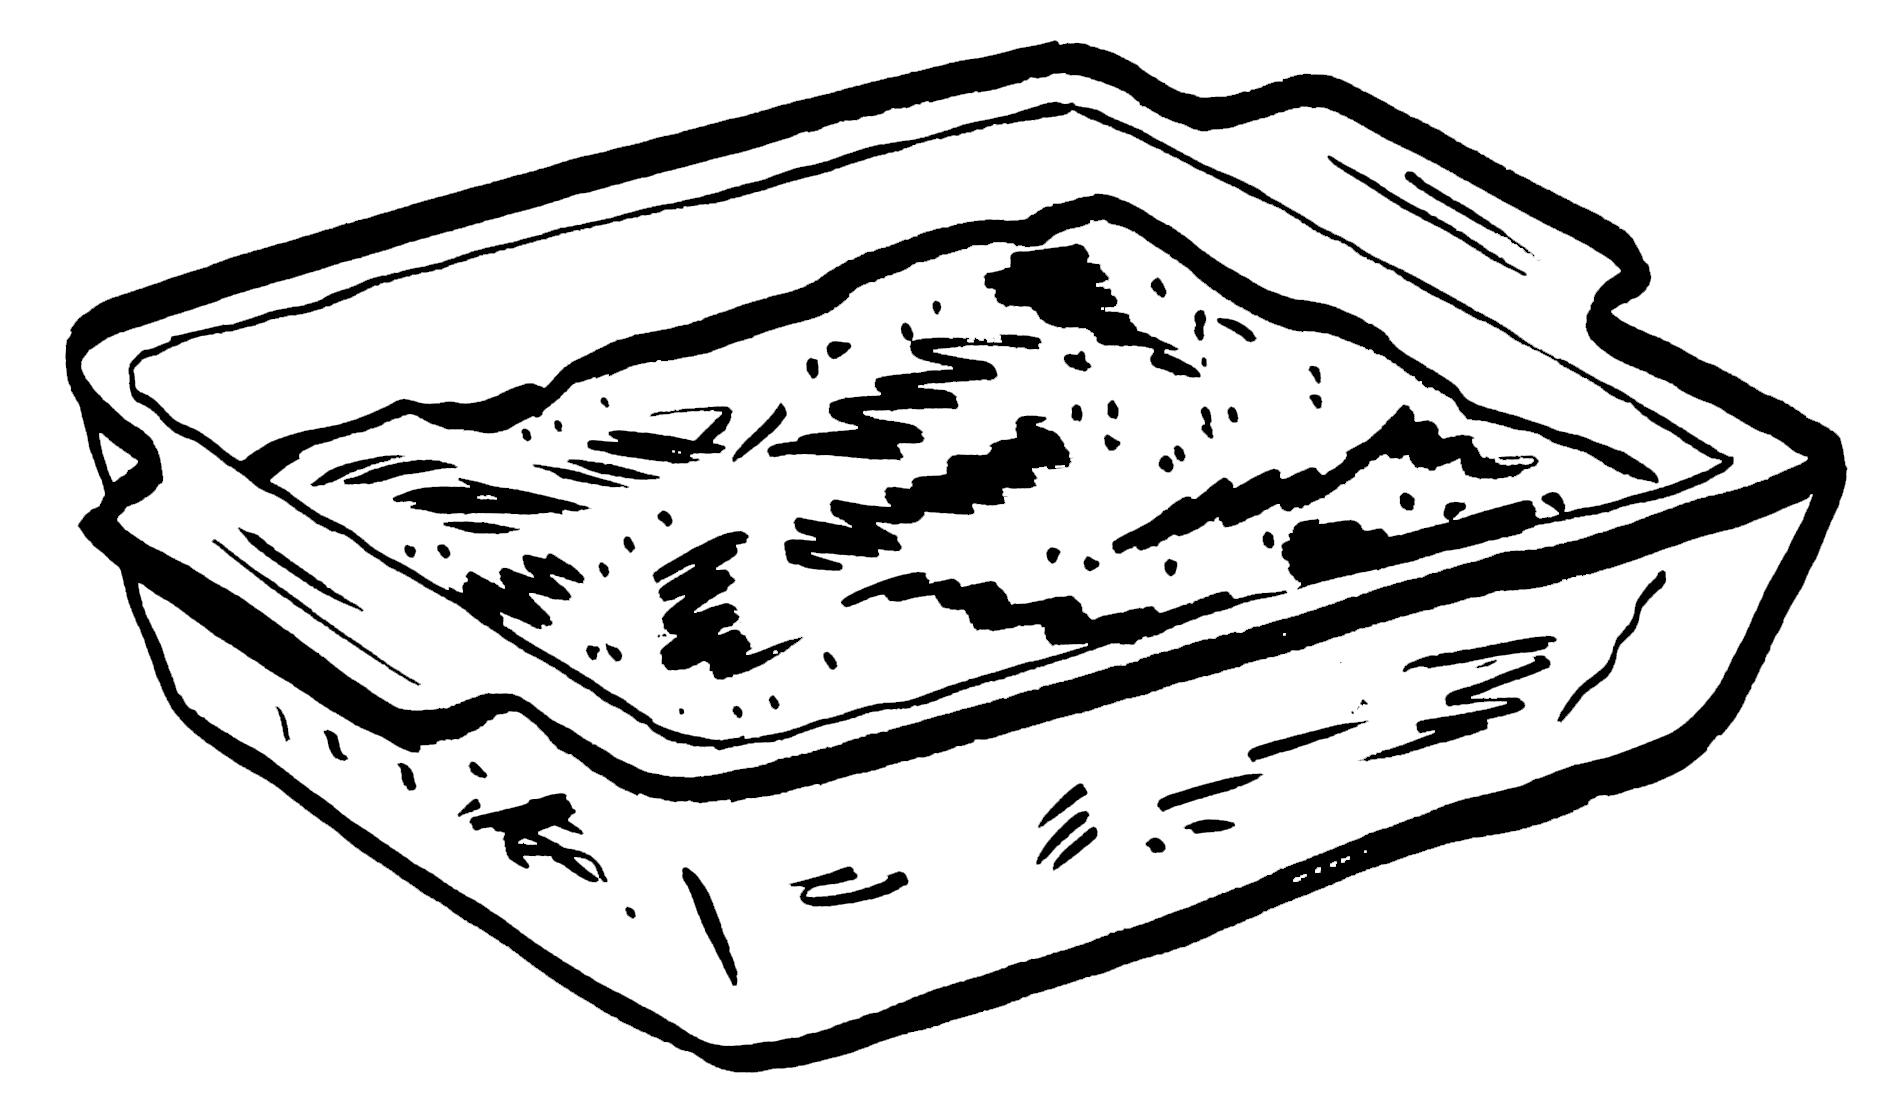 baking dish illustration